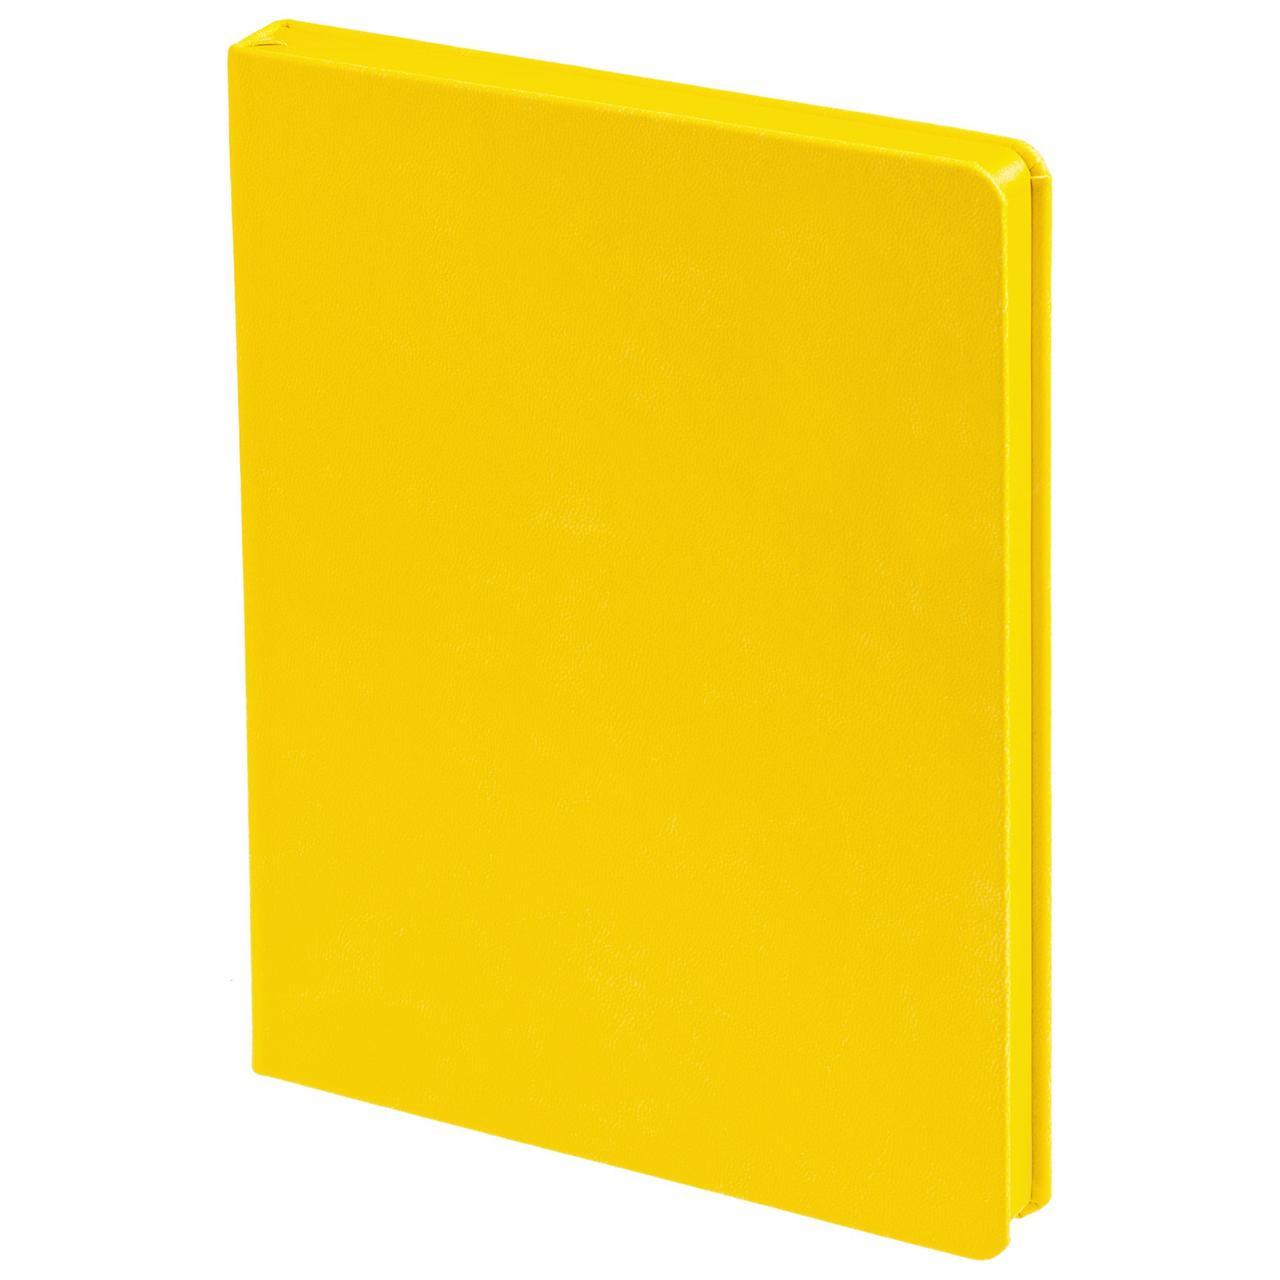 Ежедневник Brand Tone, недатированный, желтый (артикул 17882.80)